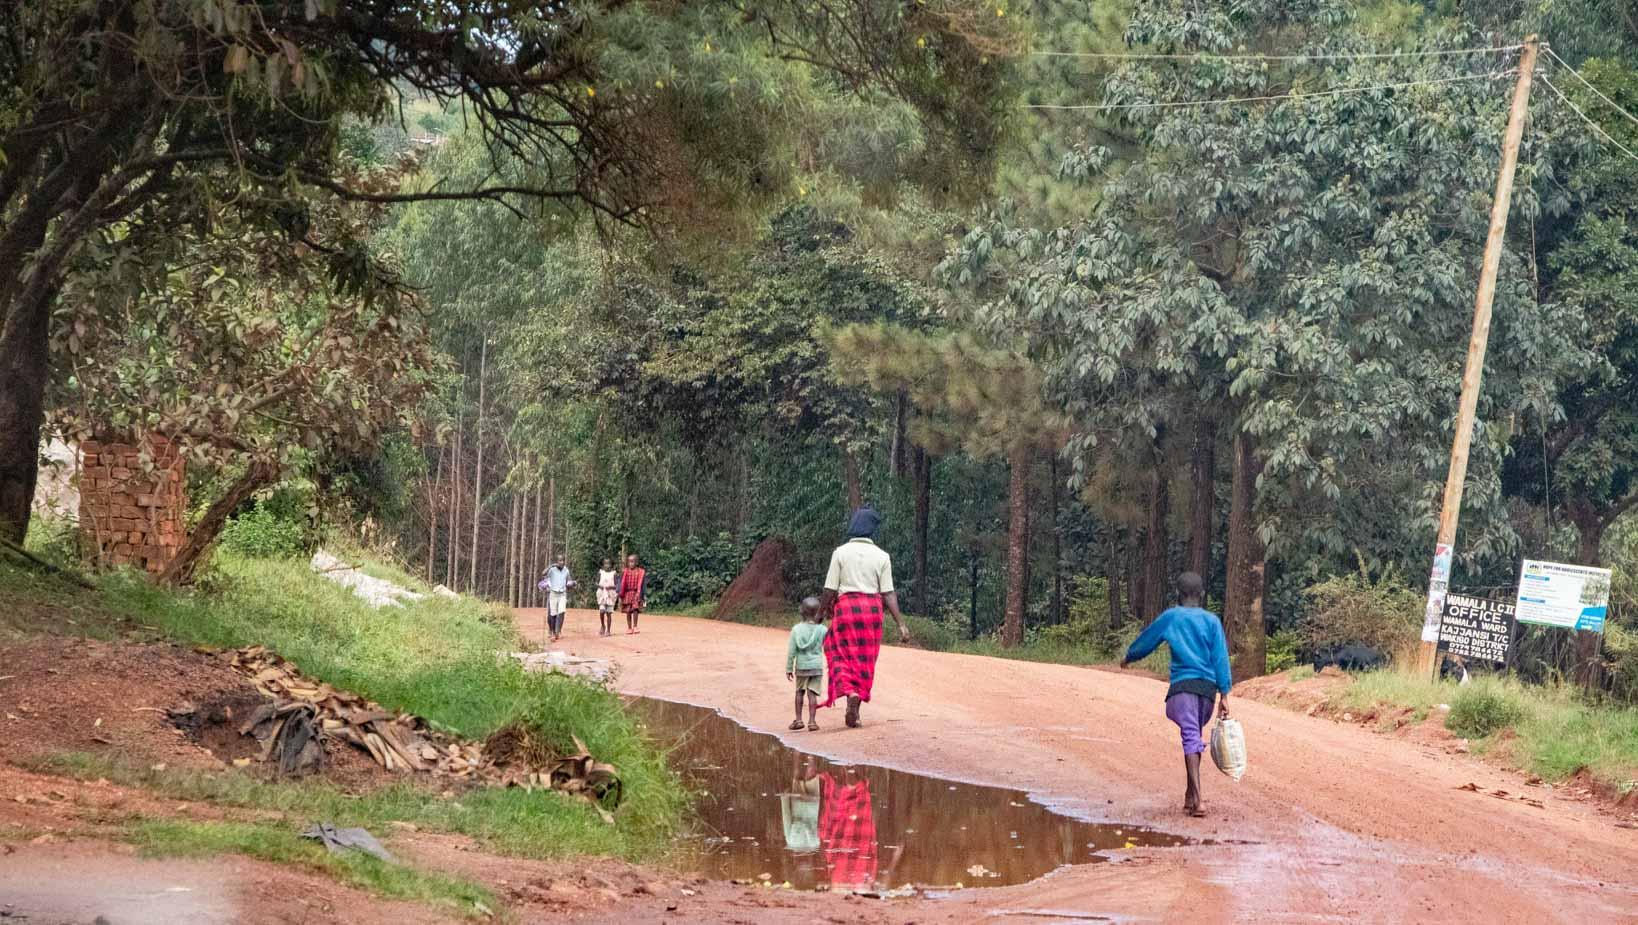 camino a entebbe uganda (9)